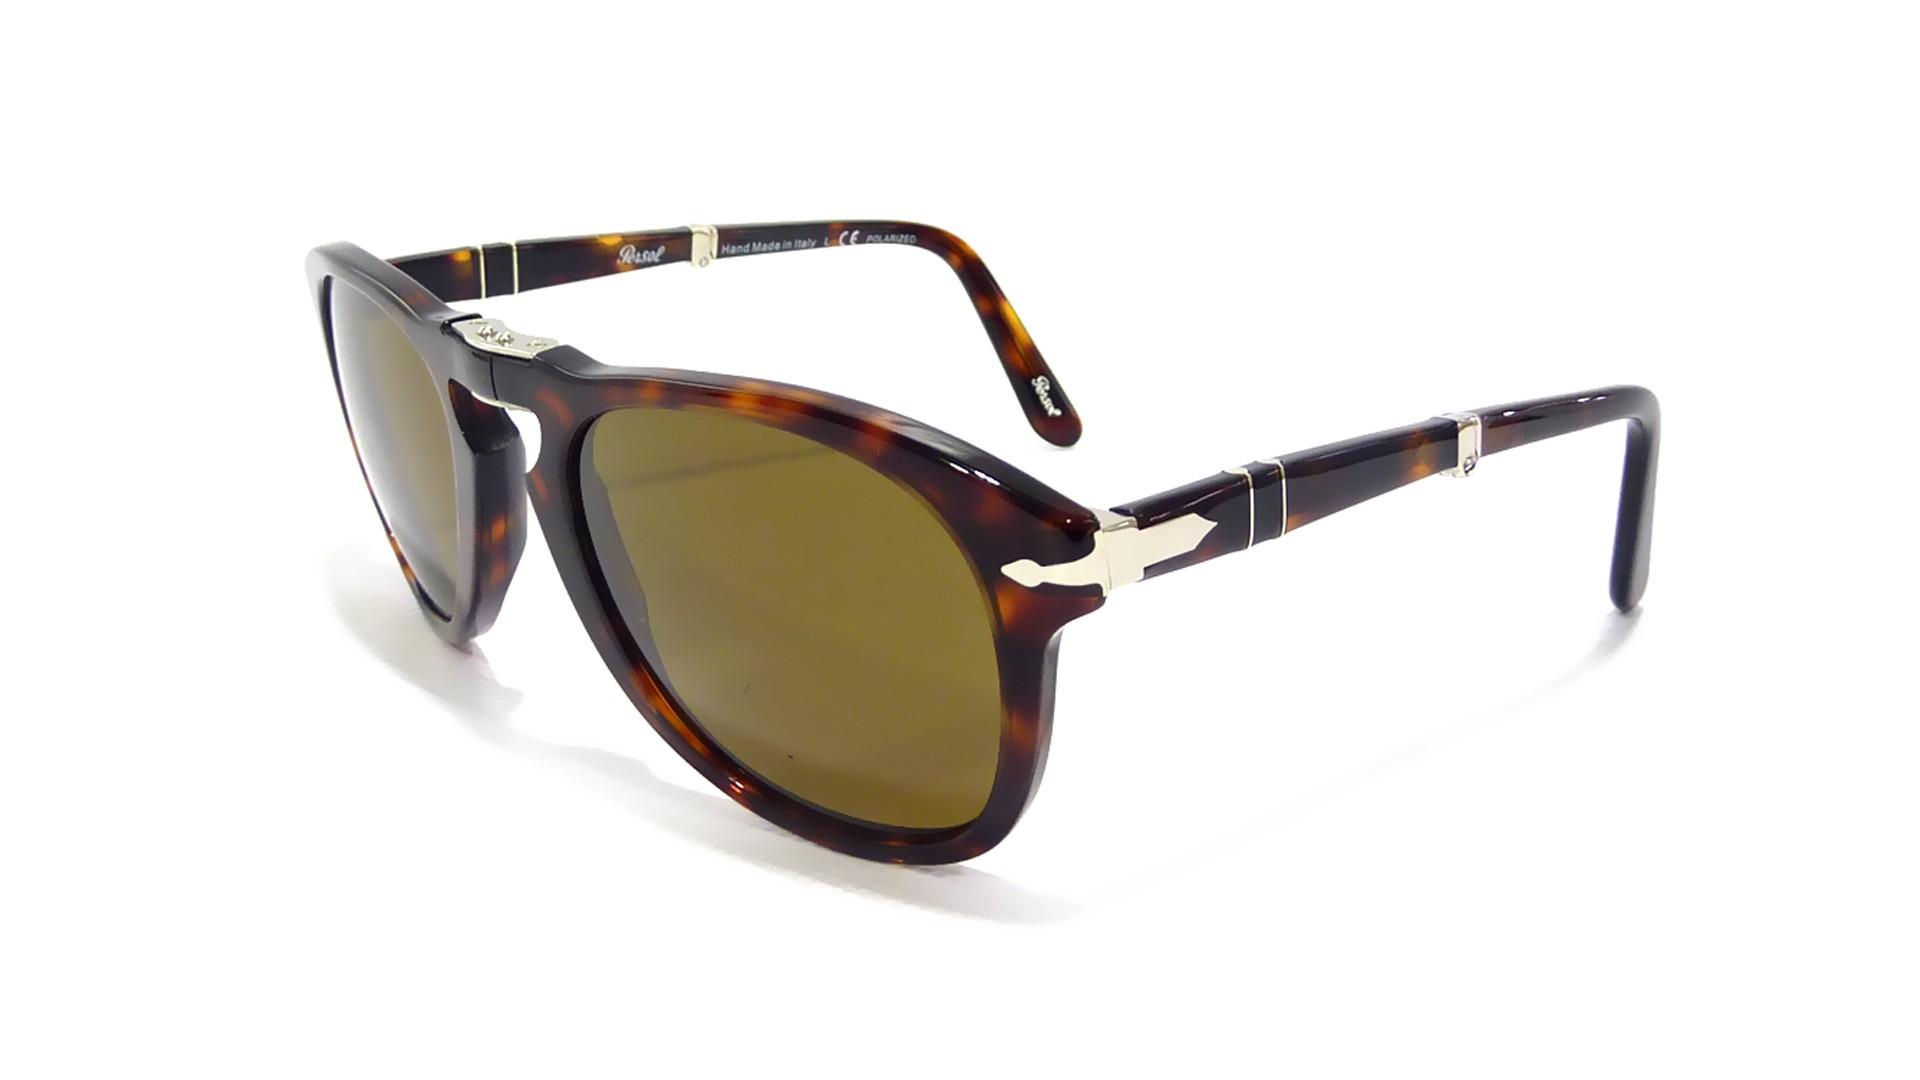 e32af9caf67e Sunglasses Persol PO0714 24/57 52-21 Small Tortoise Folding Polarized